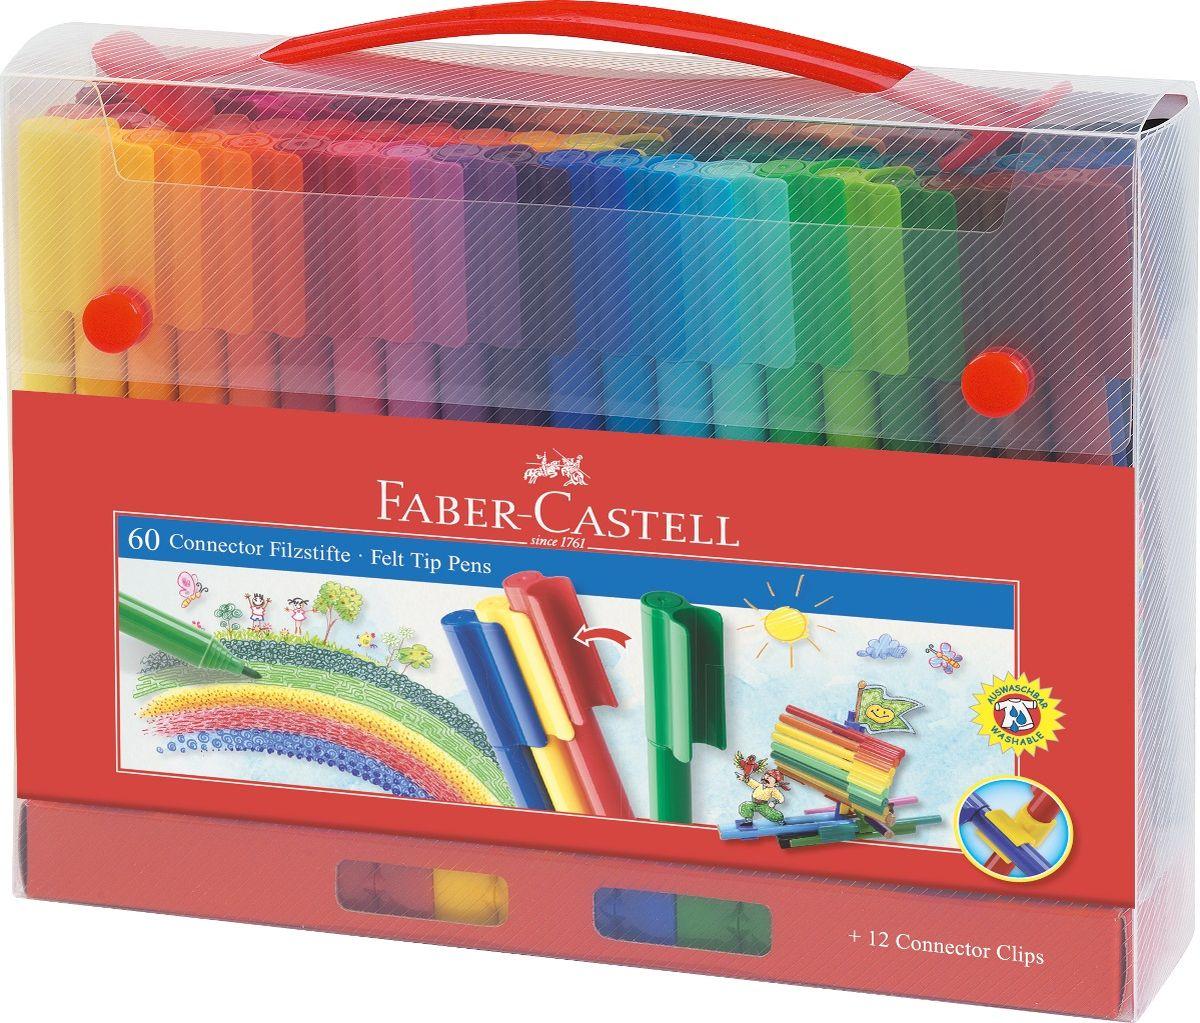 Faber-Castell Набор фломастеров Connector 60 цветов -  Фломастеры